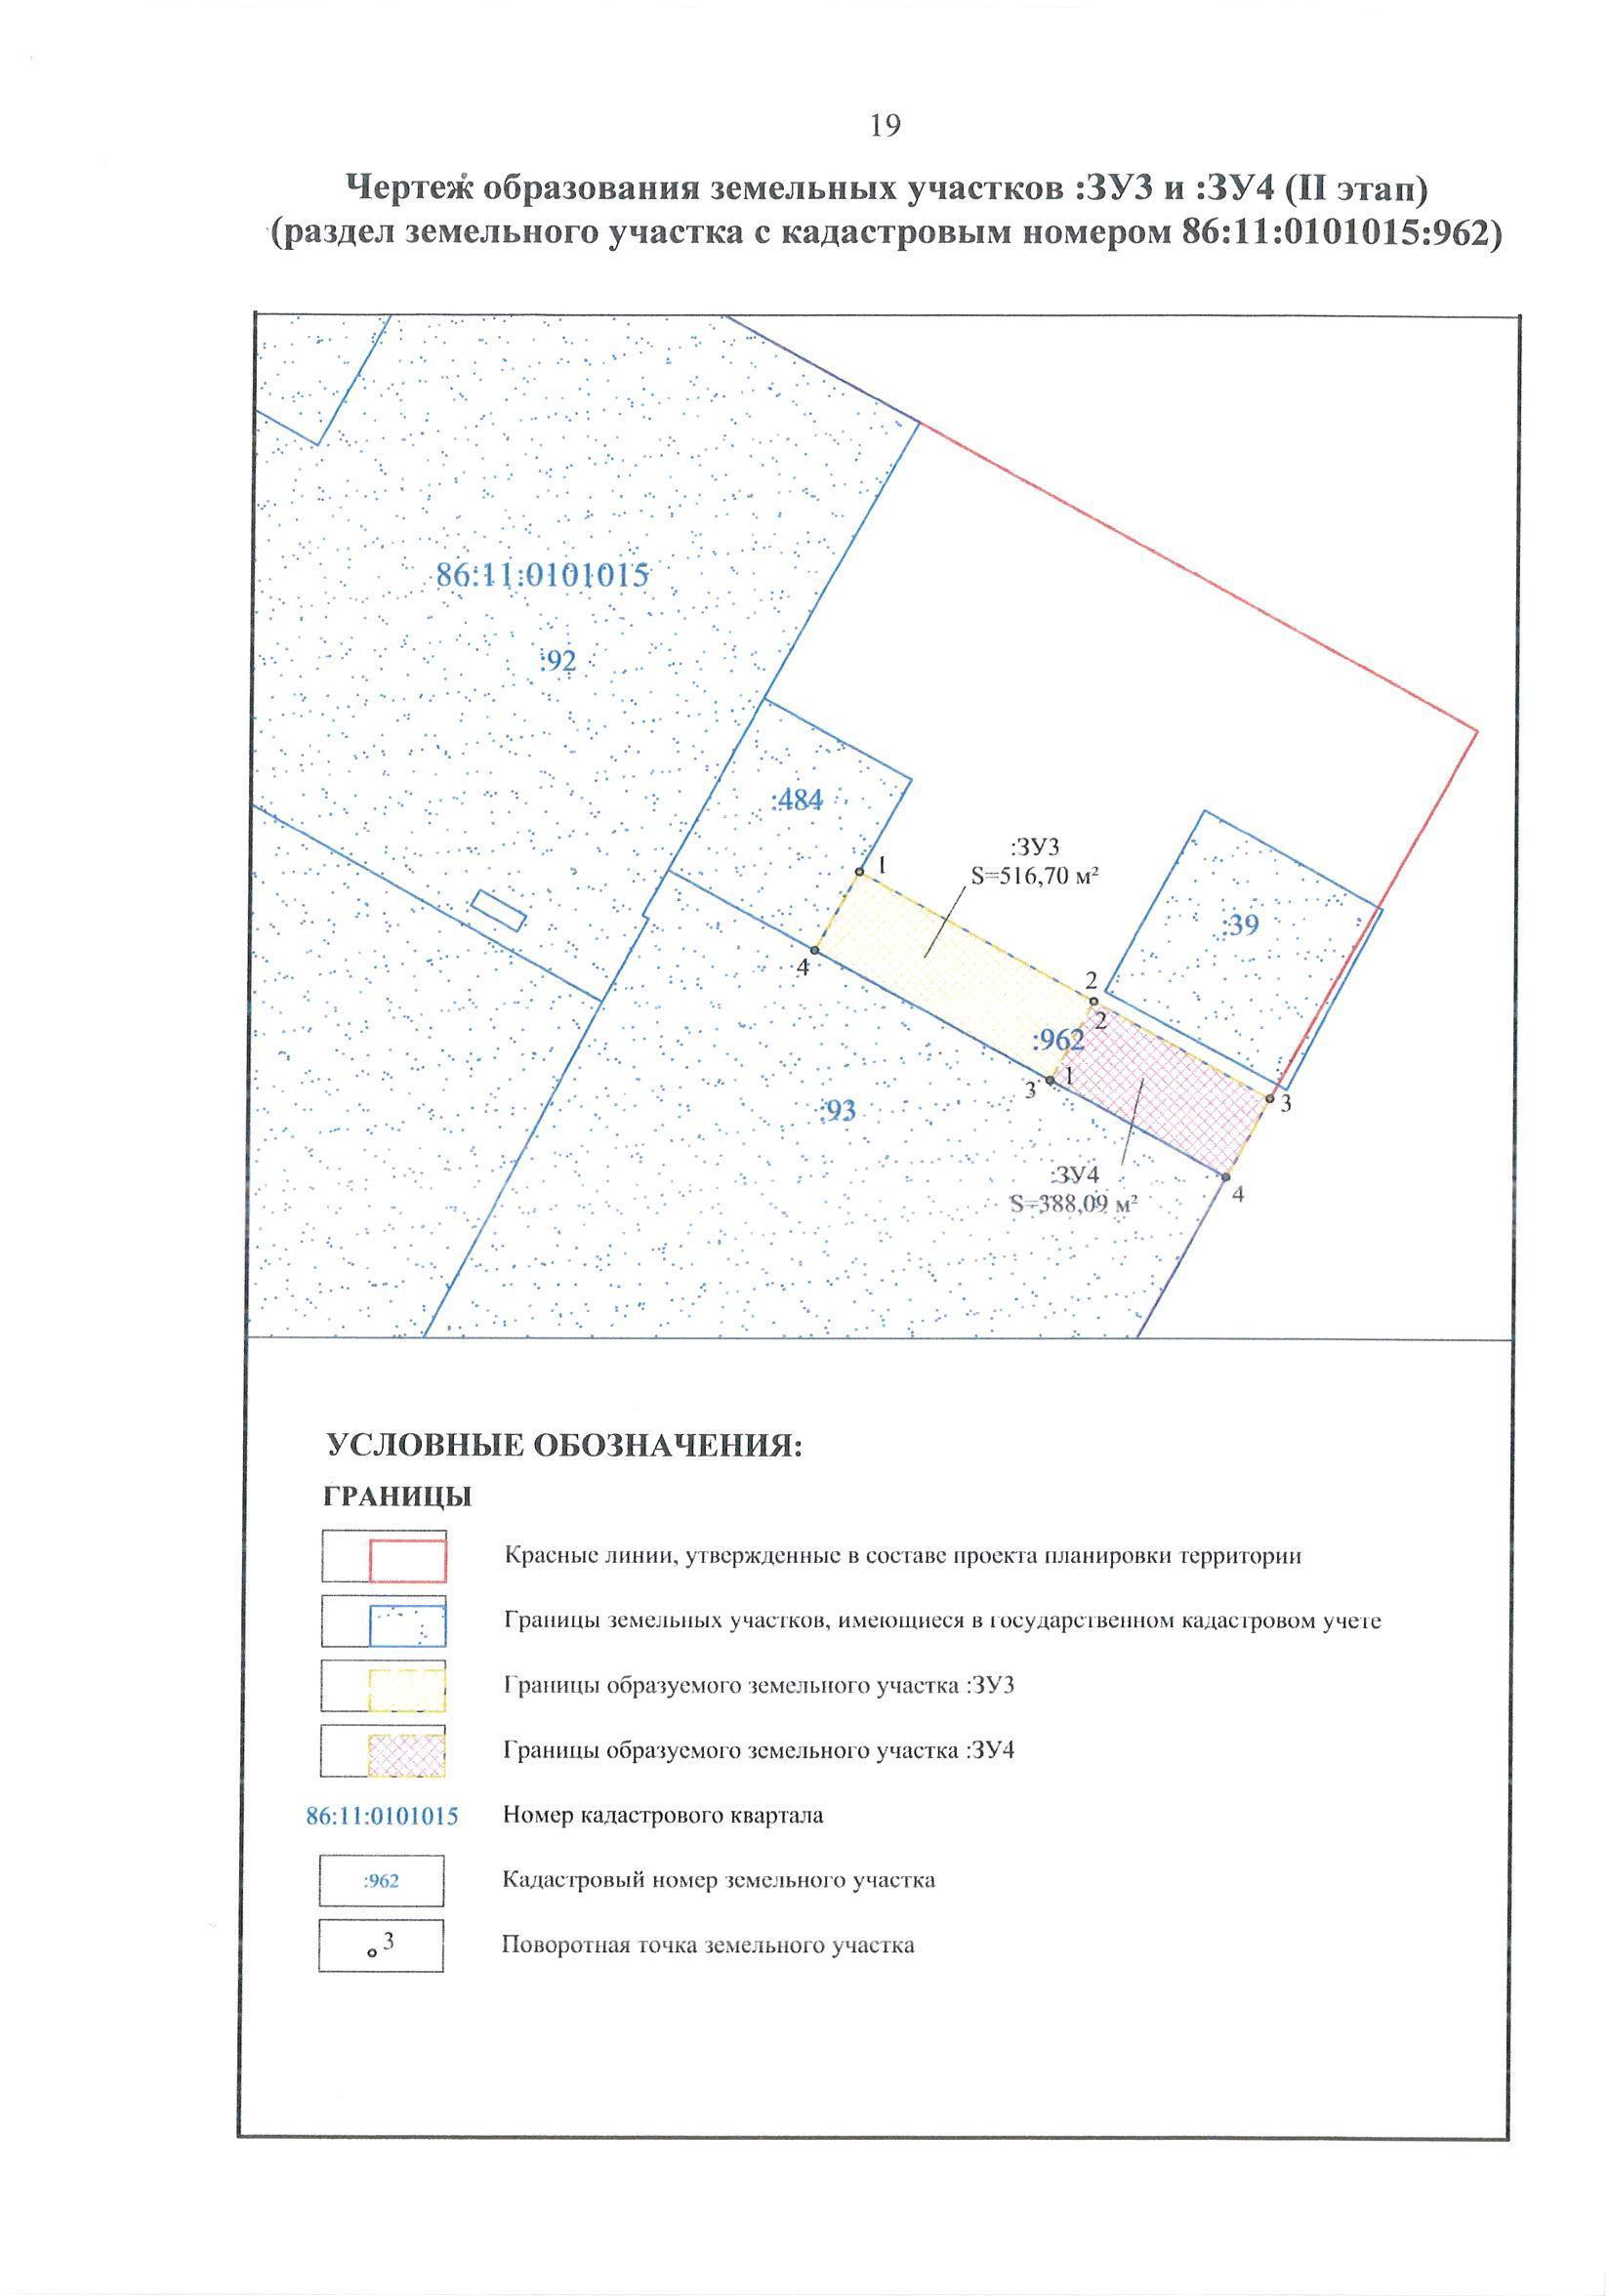 земельная экспертиза при разделе земельного участка